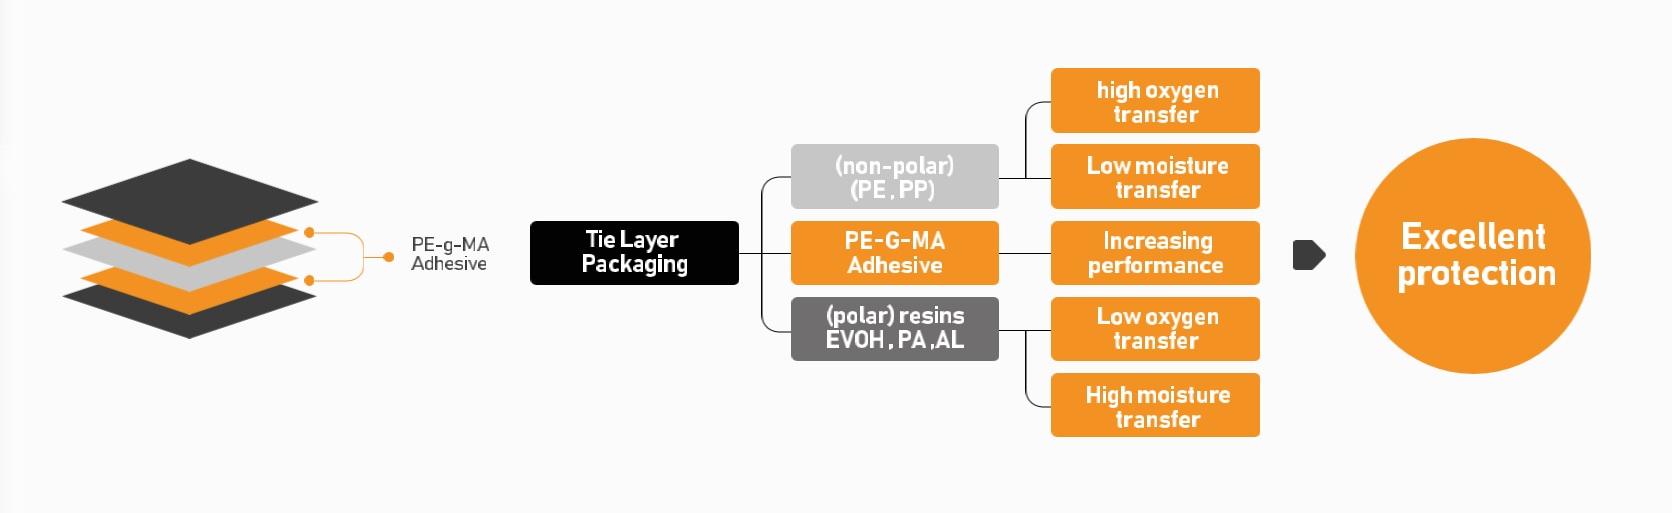 چسب های بین لایه ای PE-g-MA